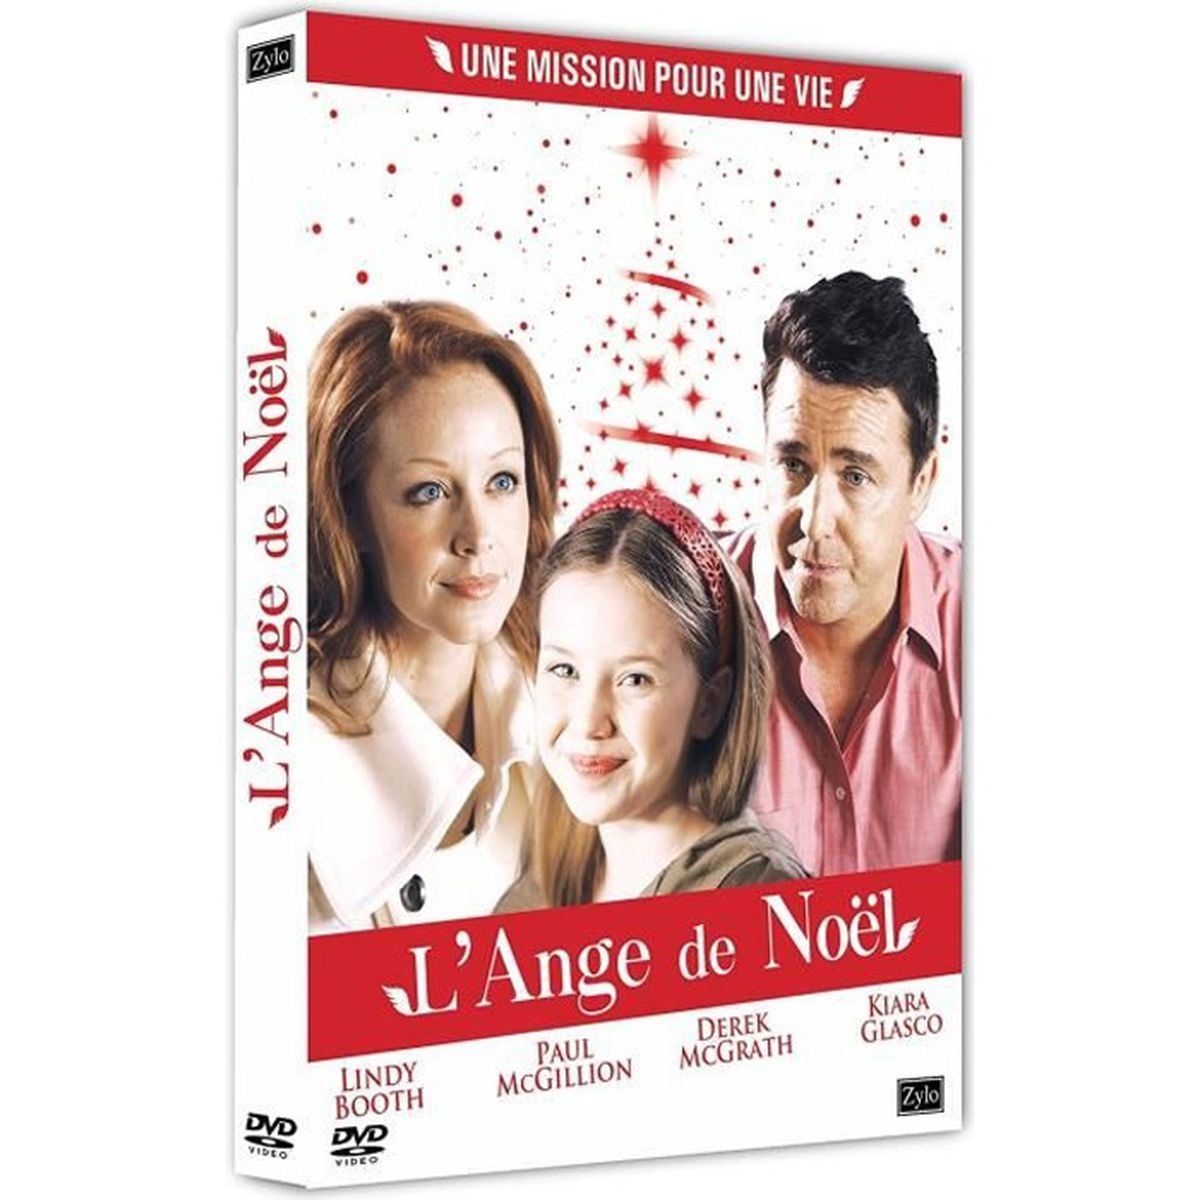 Film De Noel Dvd DVD   L'Ange de Noël en dvd film pas cher   Cdiscount